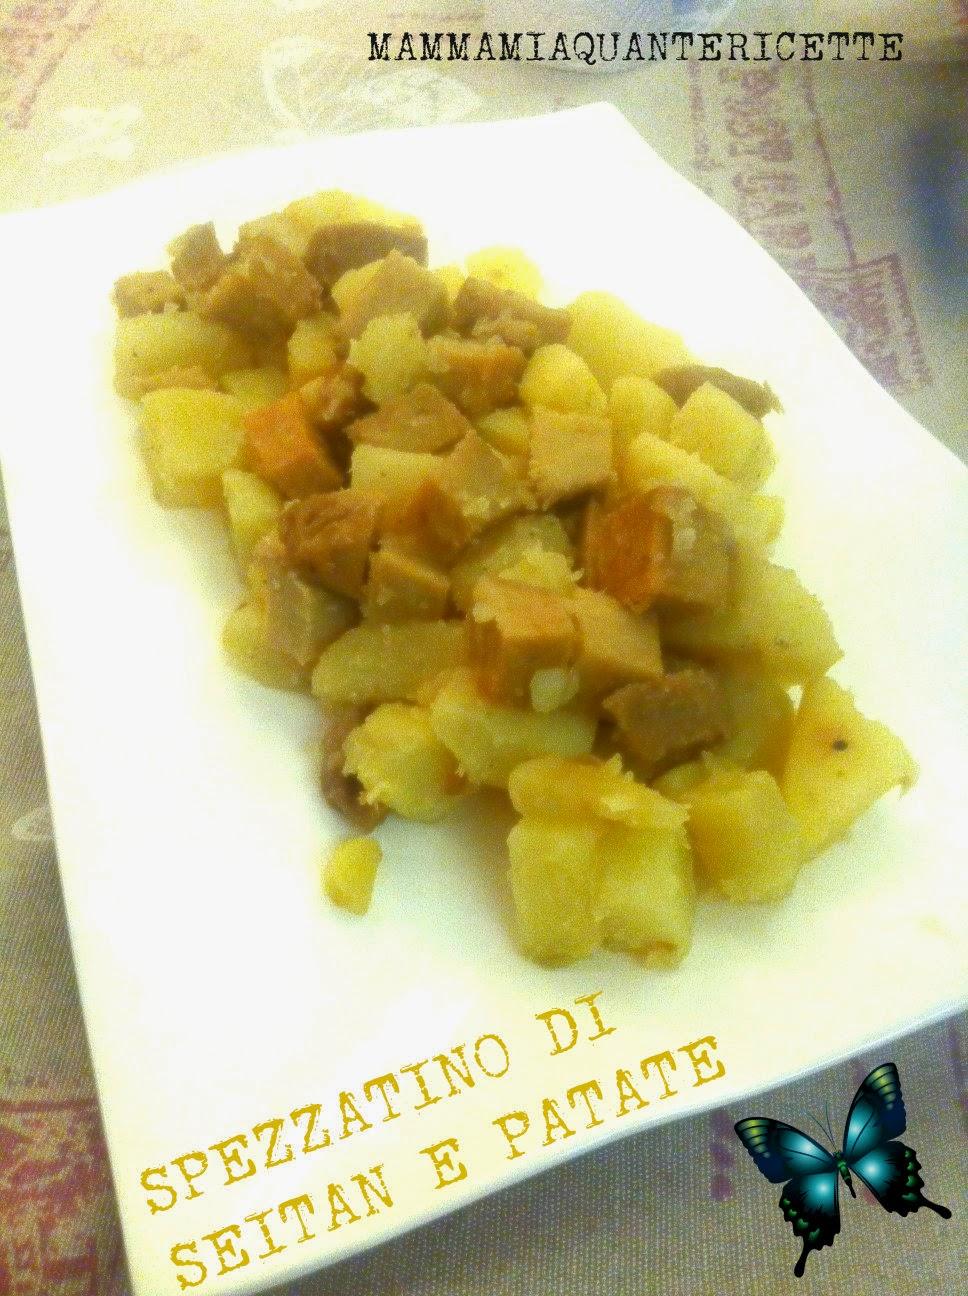 spezzatino di seitan e patate